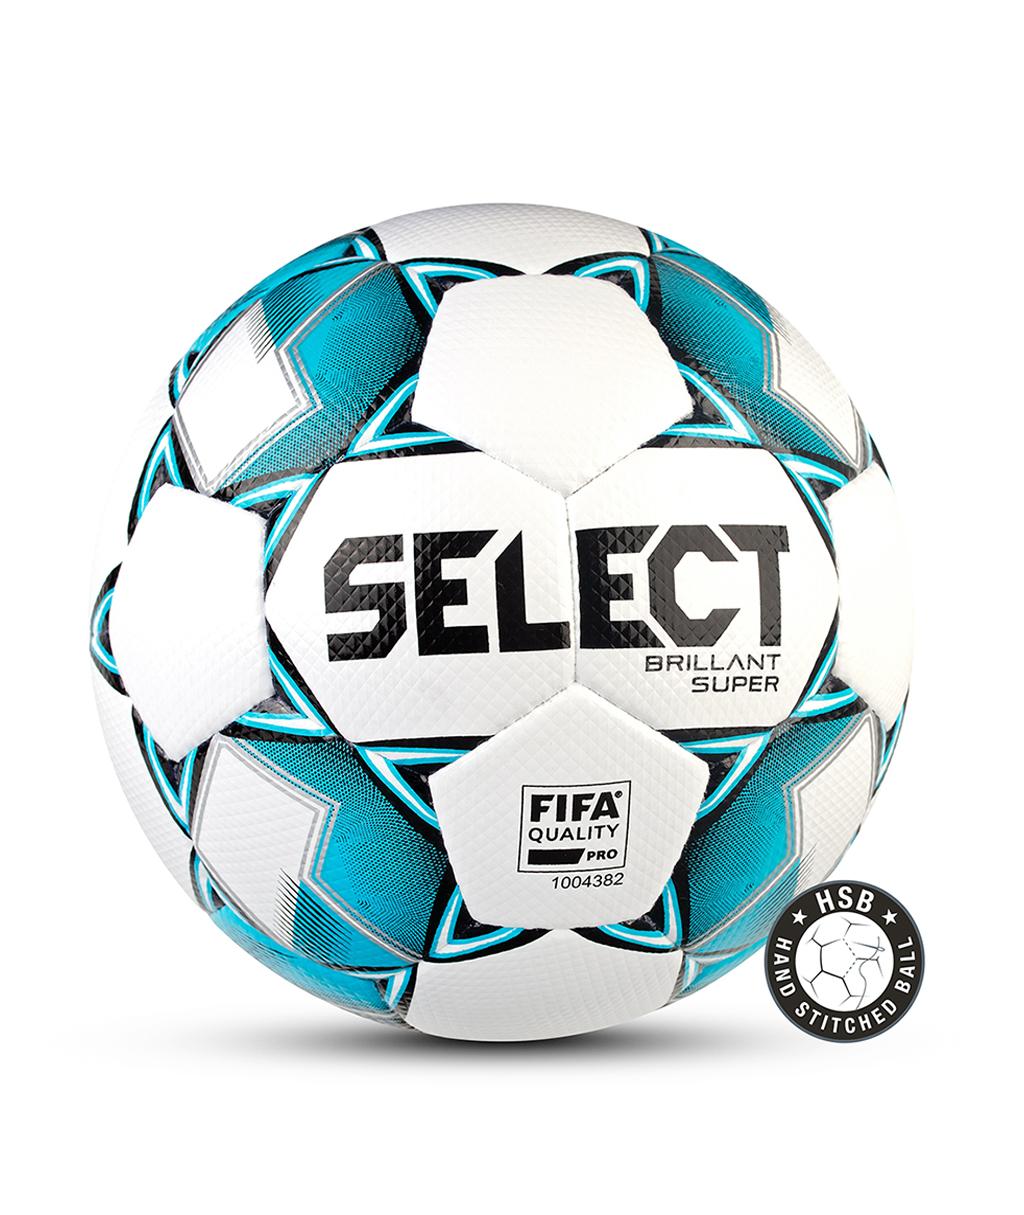 Купить мяч Select Brillant Super FIFA V21 810108-199 в интернет-магазине